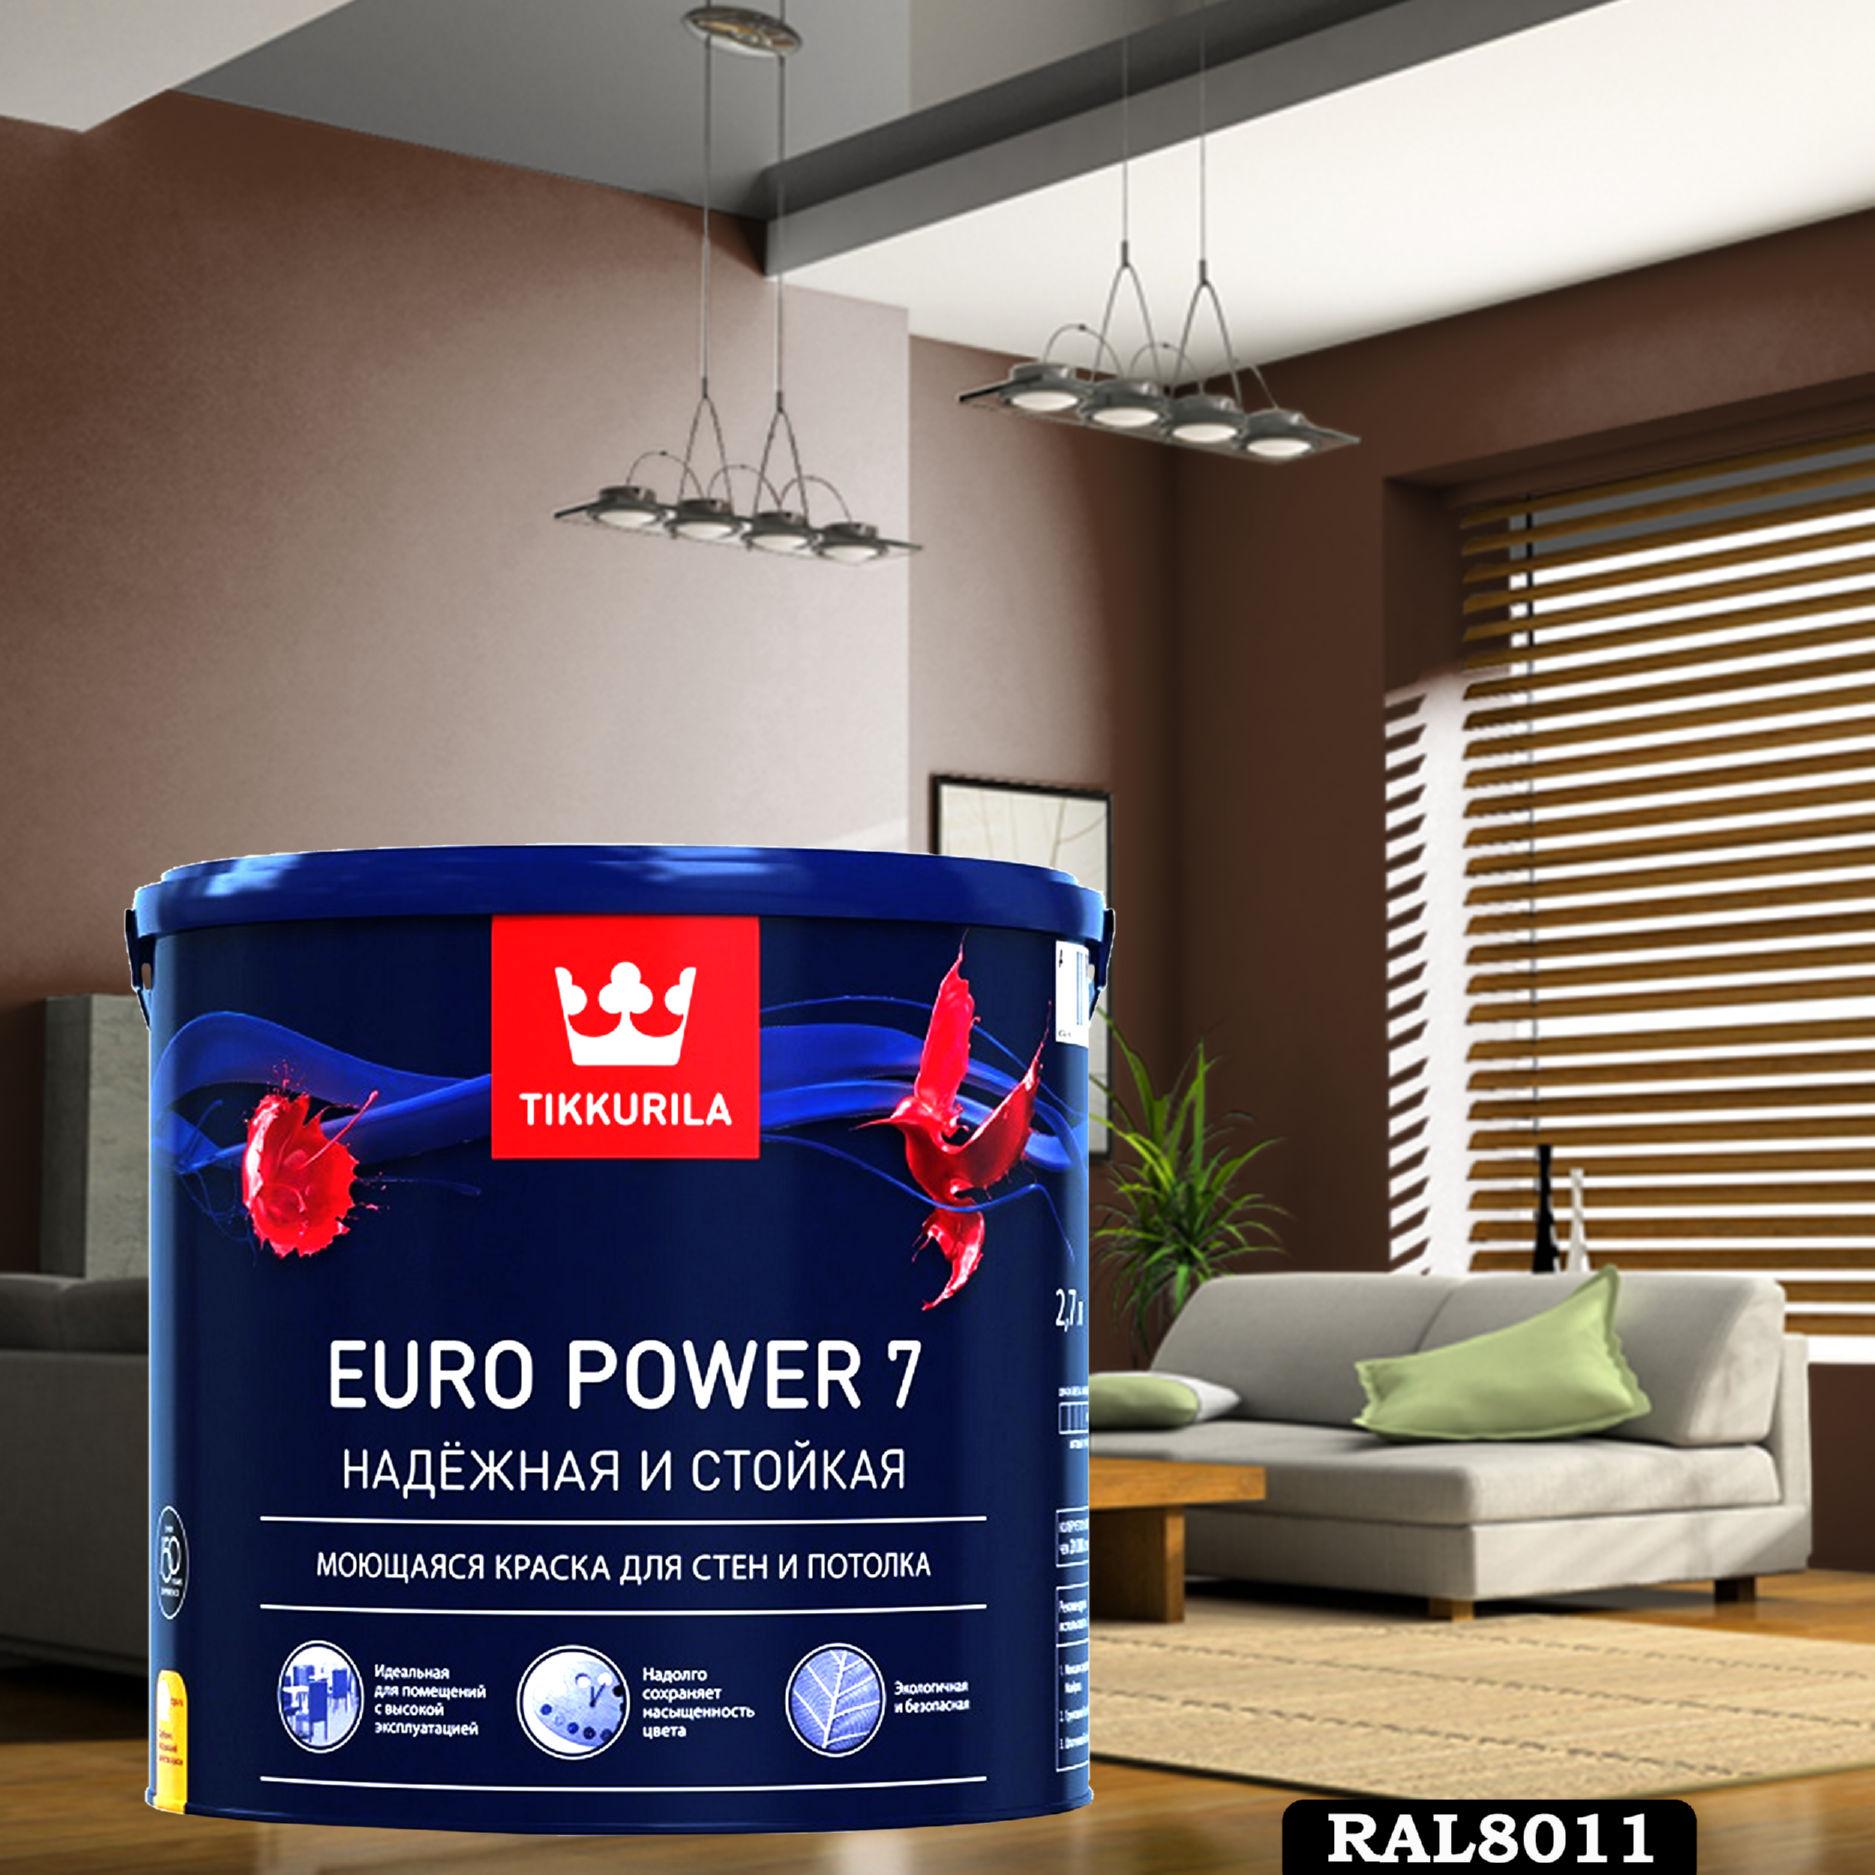 Фото 8 - Краска TIKKURILA Euro Power 7,  RAL 8011 Коричневый-орех, латексная моющаяся матовая интерьерная, 9 л.